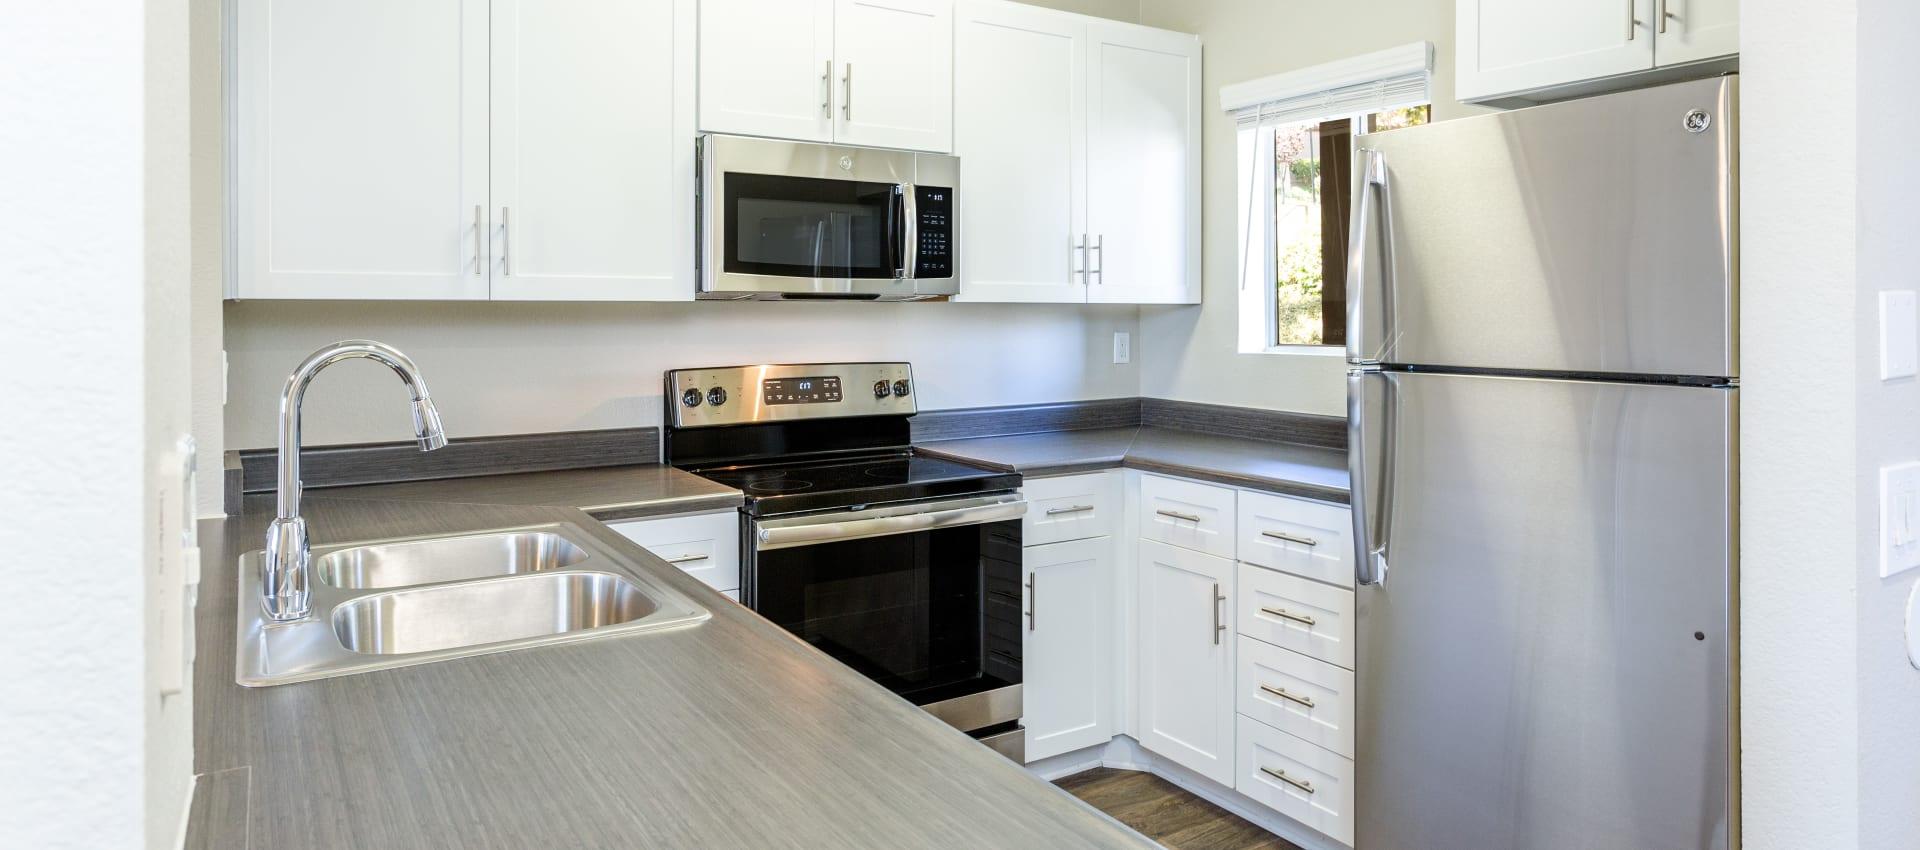 Kitchen at Niguel Summit Condominium Rentals in Laguna Niguel, CA